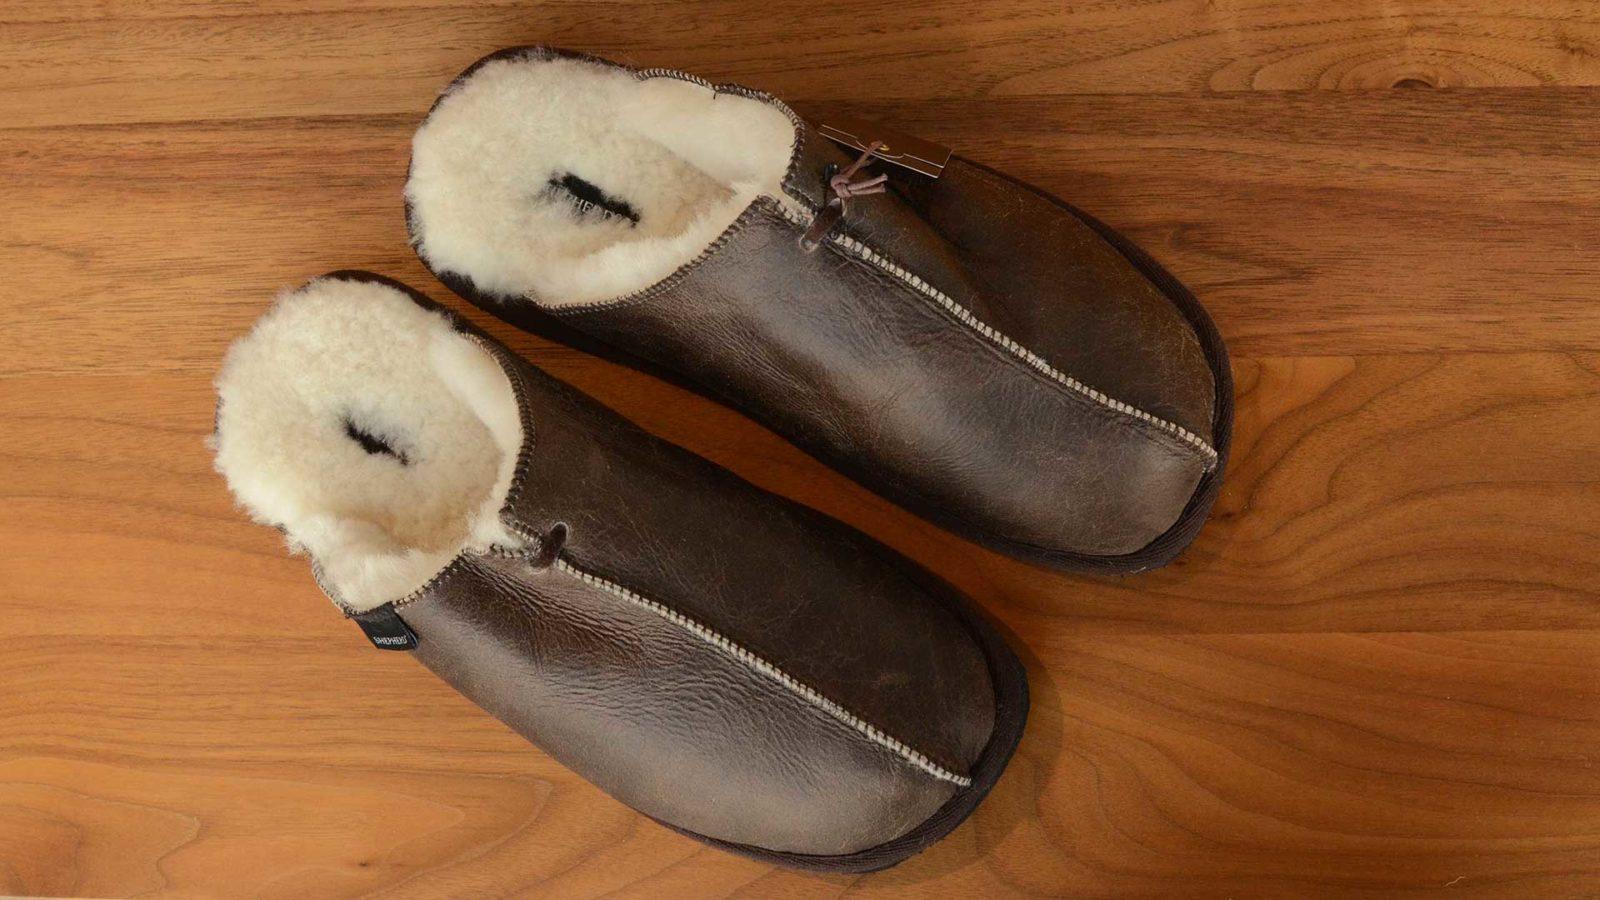 shepherd-Hugo-mens-leather-slippers